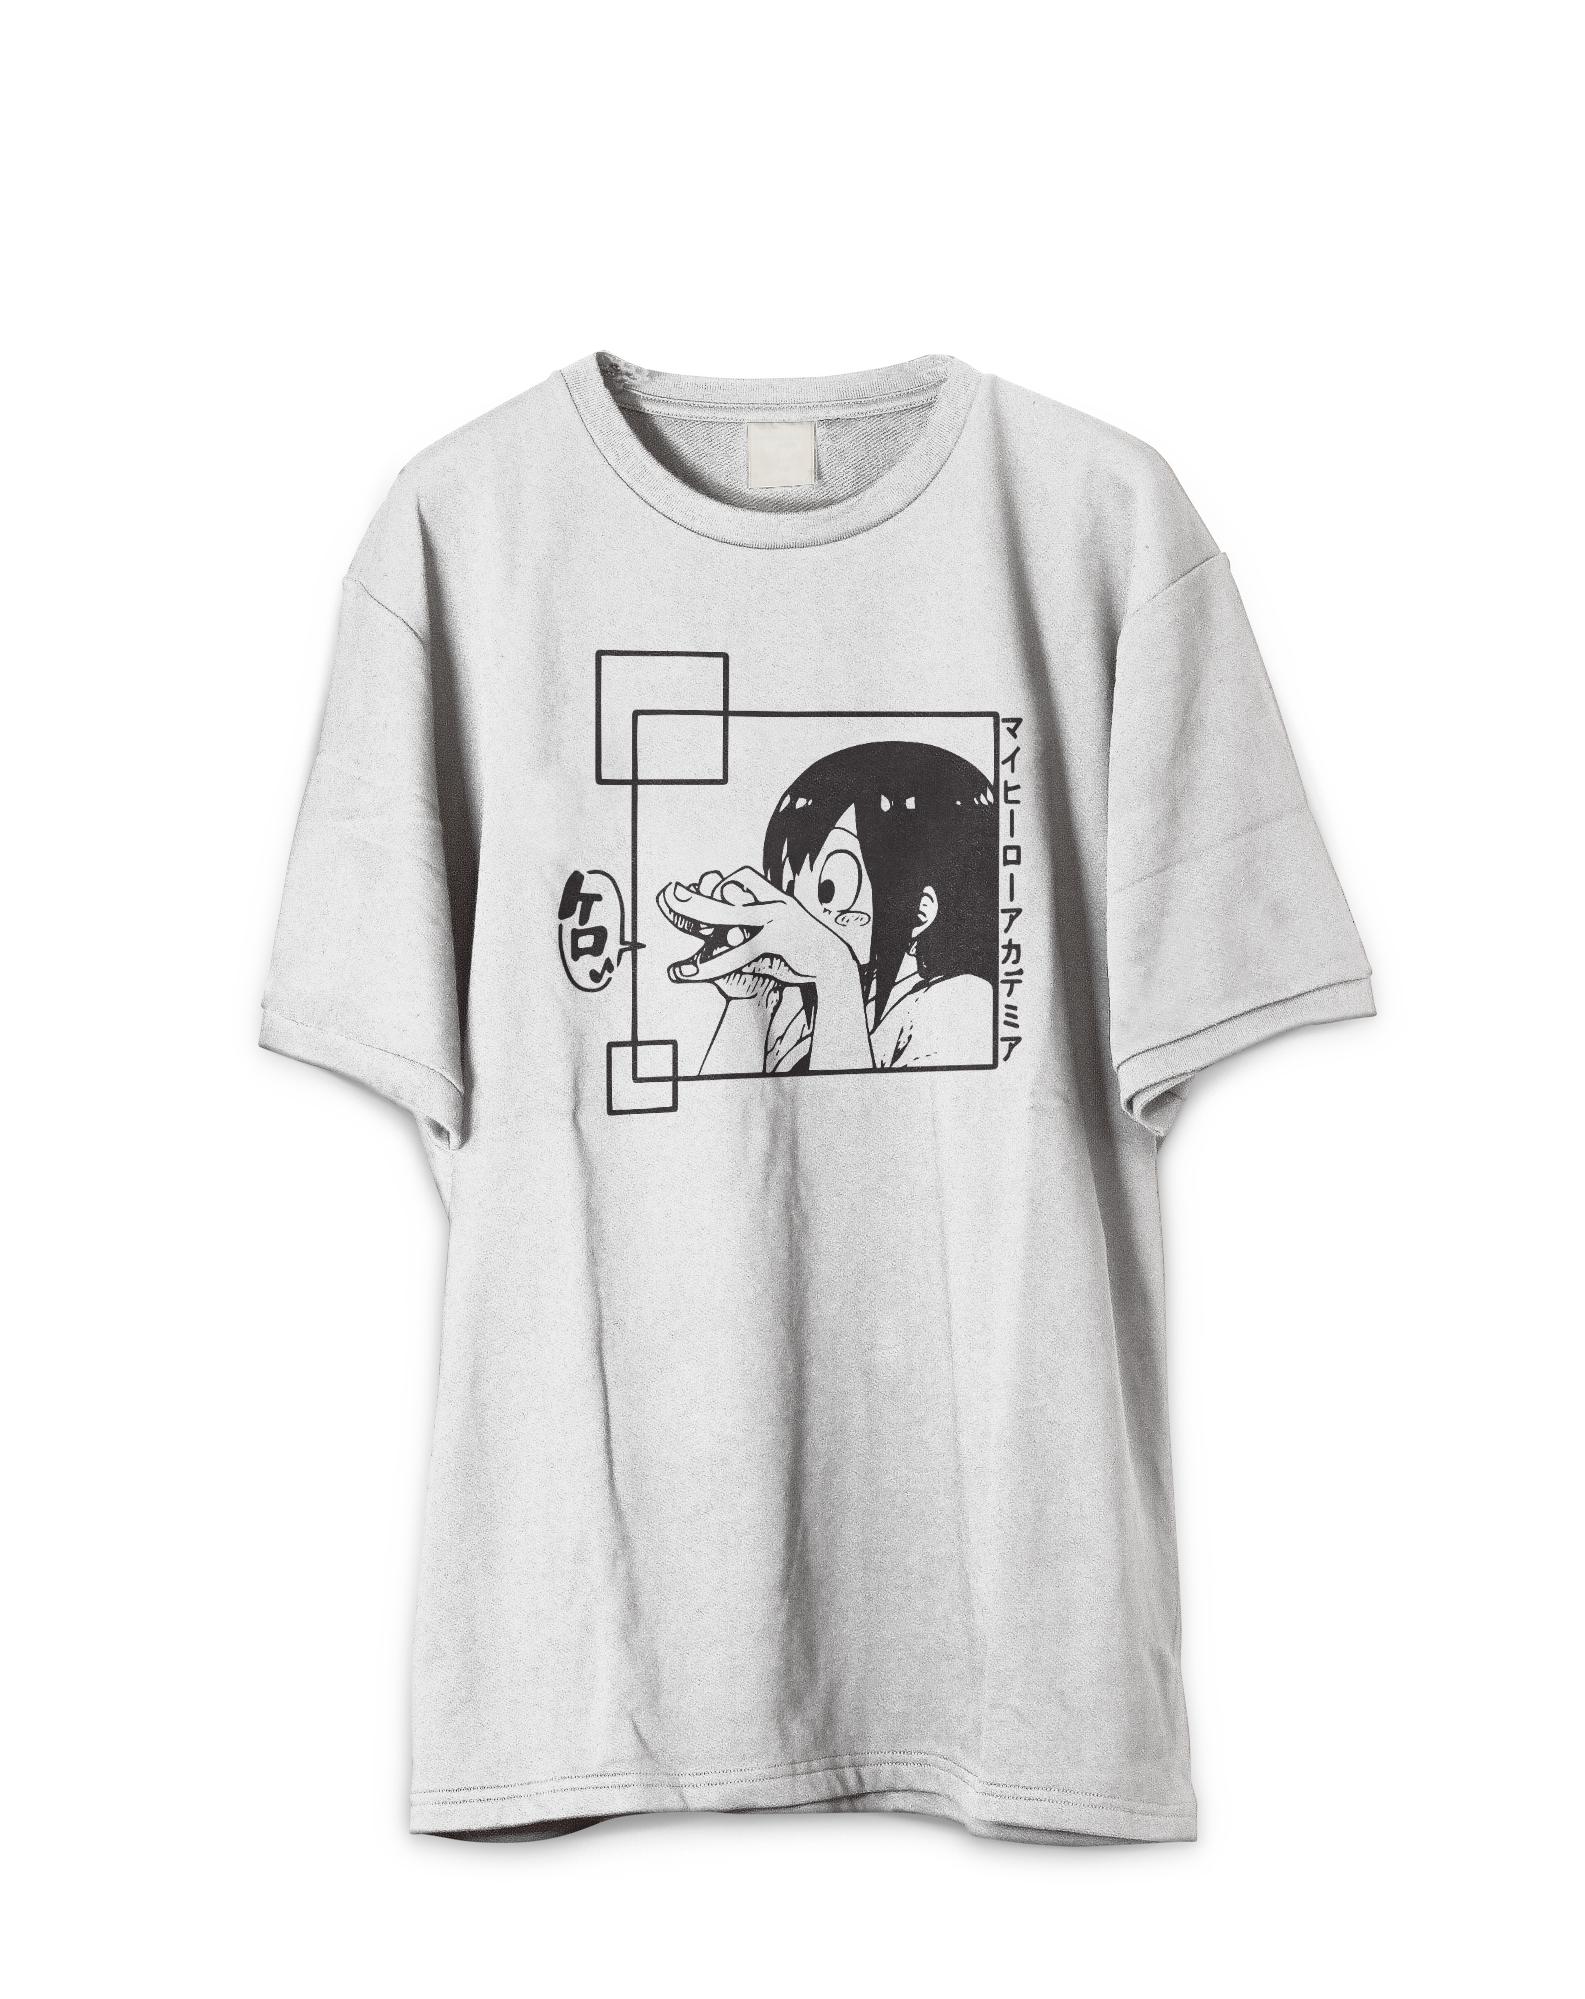 Japanese Tsuyu My Hero Froppy Ribbit T-Shirt